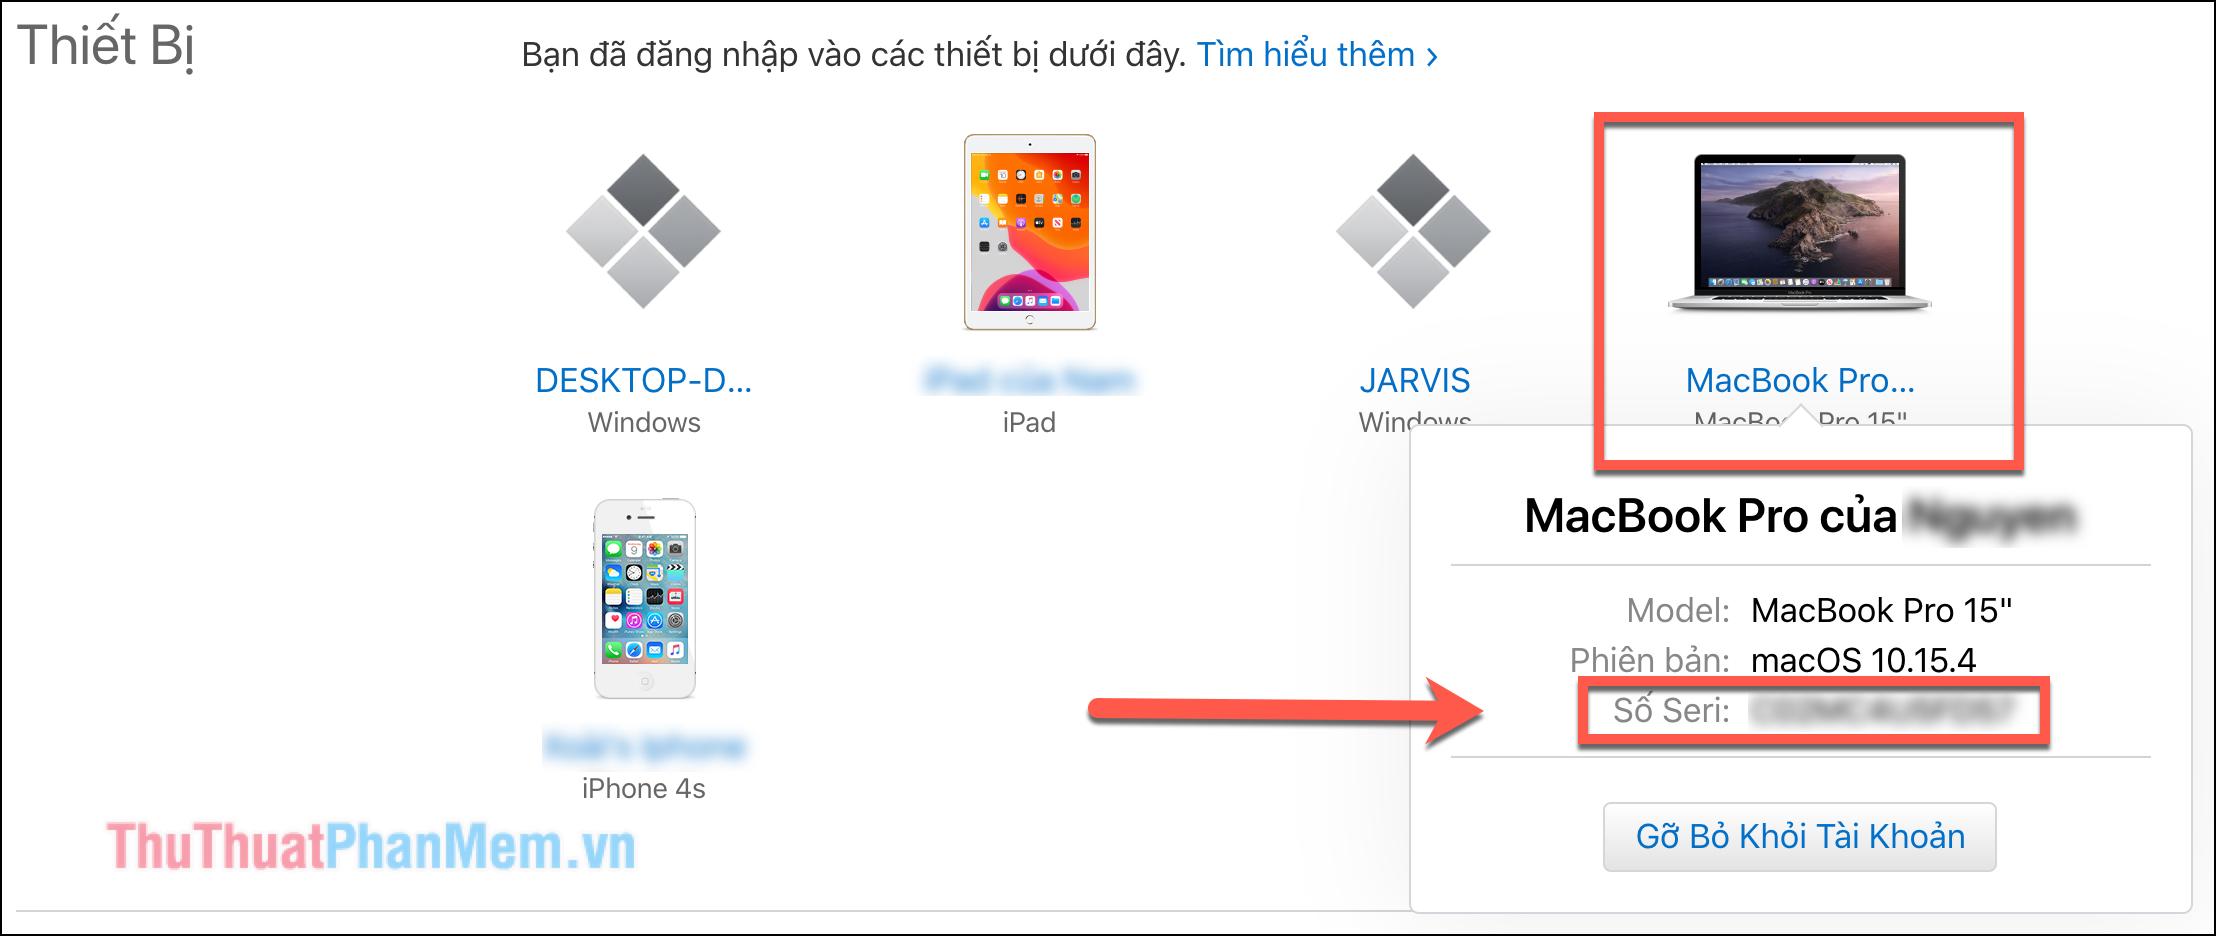 Click vào máy Mac của bạn và những thông tin cơ bản như Model, phiên bản MacOS cũng như số Sê-ri sẽ xuất hiện